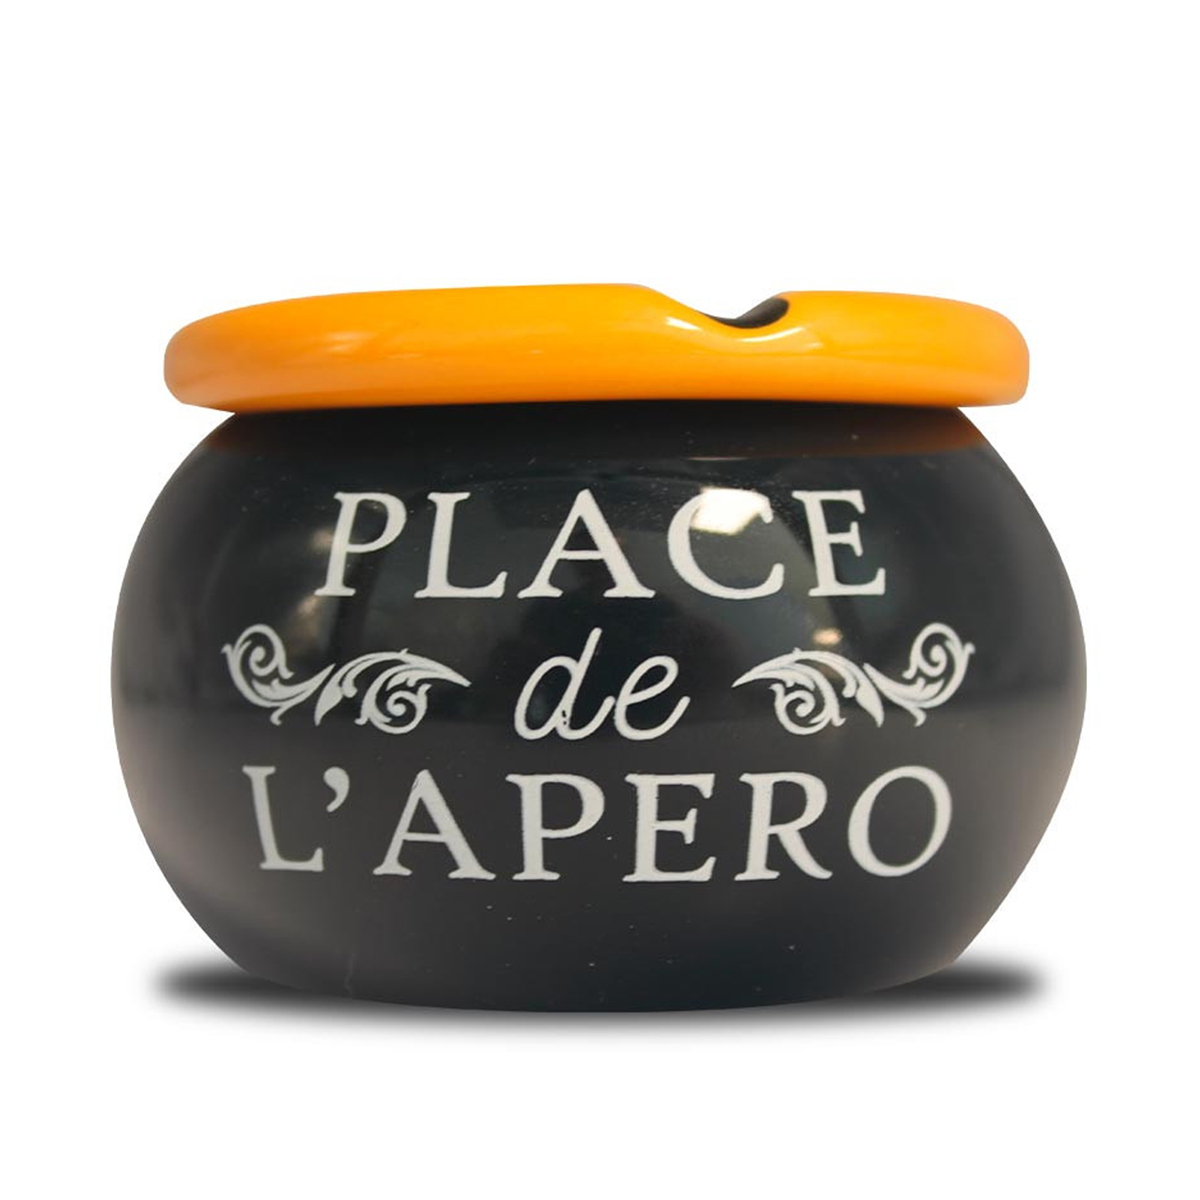 Cendrier marocain céramique \'Messages\' noir (Place de l\'apéro) - 9x6 cm - [A0565]